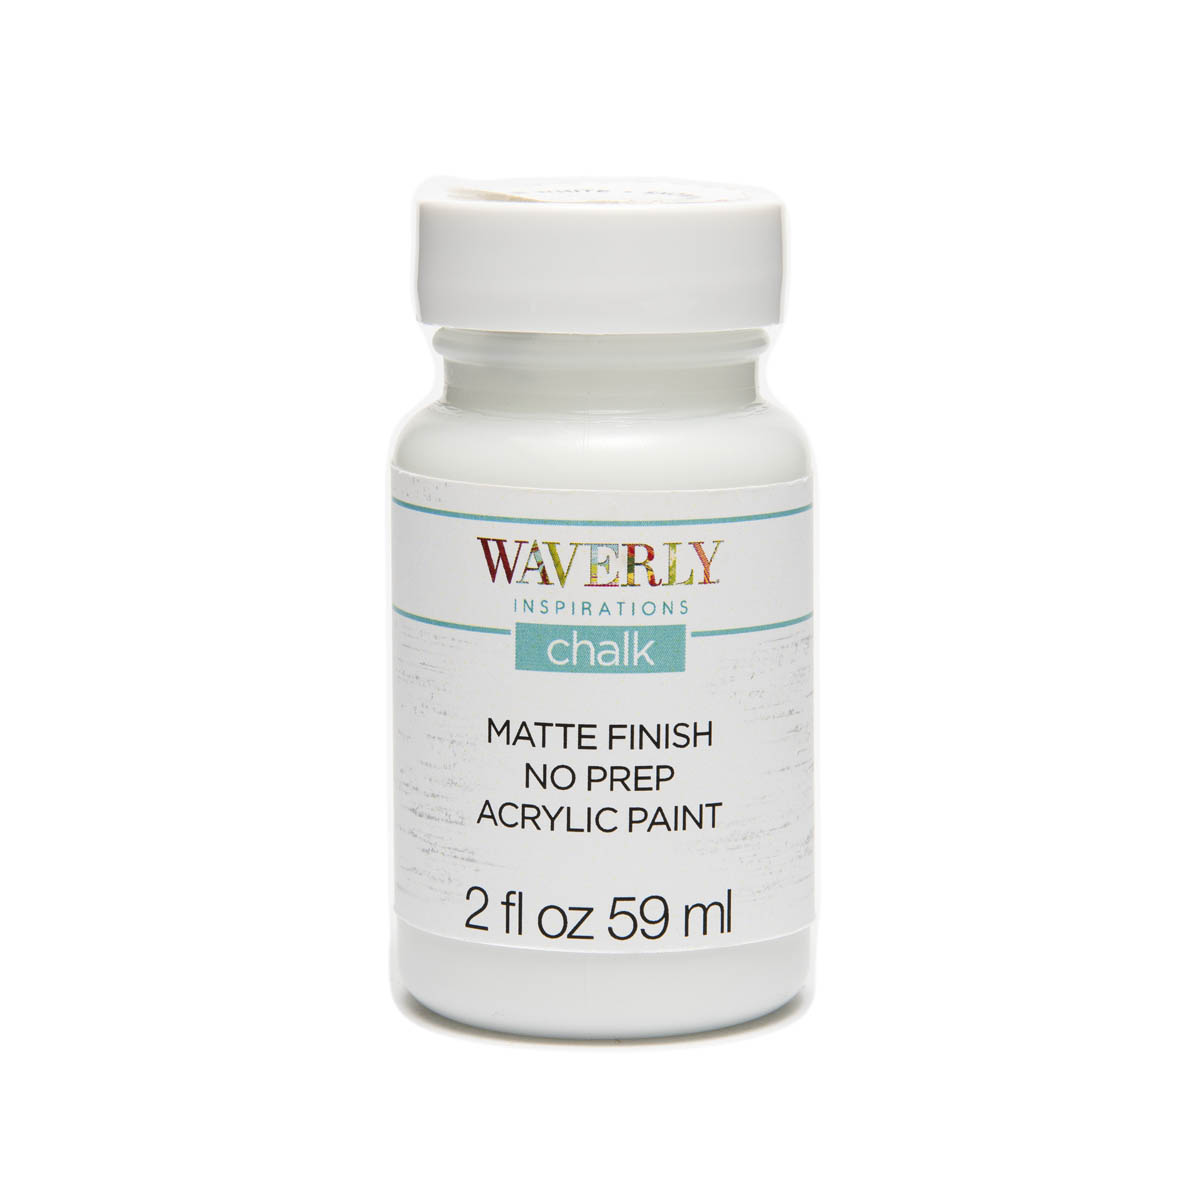 Waverly ® Inspirations Chalk Finish Acrylic Paint - White, 2 oz.